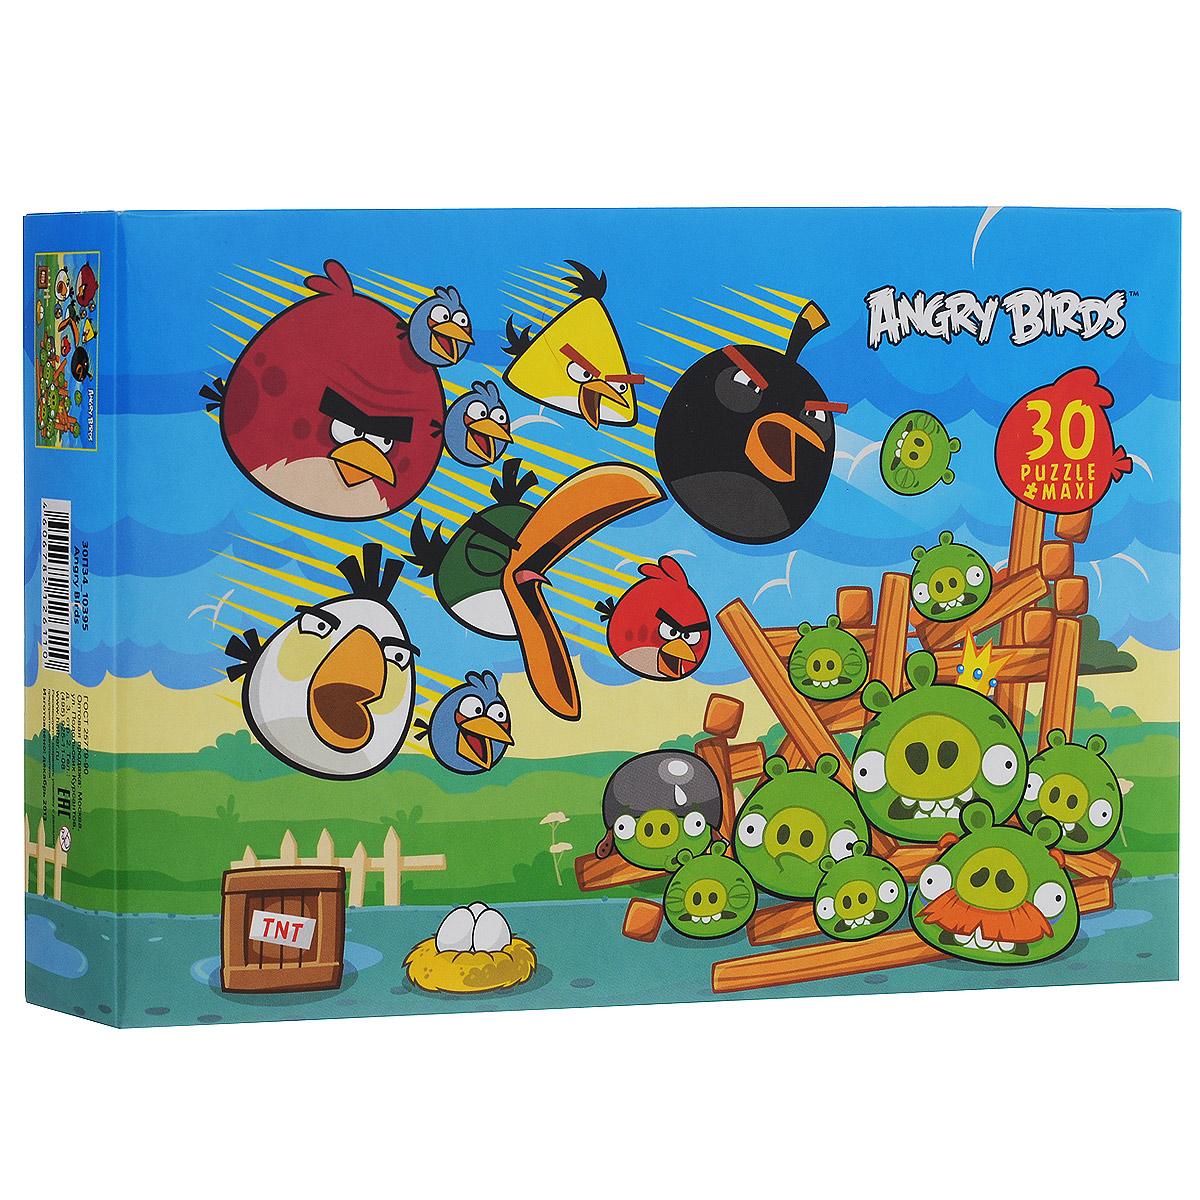 Angry Birds. Maxi-пазл, 30 элементов30ПЗ4_10395Maxi-пазл Angry Birds, без сомнения, придется по душе вашему ребенку. Крупные элементы удобны в использовании и легко складываются в картинку, помогая малышу быстро находить детали целого. Собрав этот пазл, включающий 30 элементов, ребенок получит картинку с изображением персонажей популярной видео-игры Angry Birds. Пазлы - замечательная игра для всей семьи. Сегодня собирание пазлов стало особенно популярным, главным образом, благодаря своей многообразной тематике, способной удовлетворить самый взыскательный вкус. Собирание пазла развивает у детей мелкую моторику рук, тренирует наблюдательность, логическое и образное мышление, знакомит с окружающим миром, с цветом и разнообразными формами, учит усидчивости и терпению, аккуратности и вниманию.